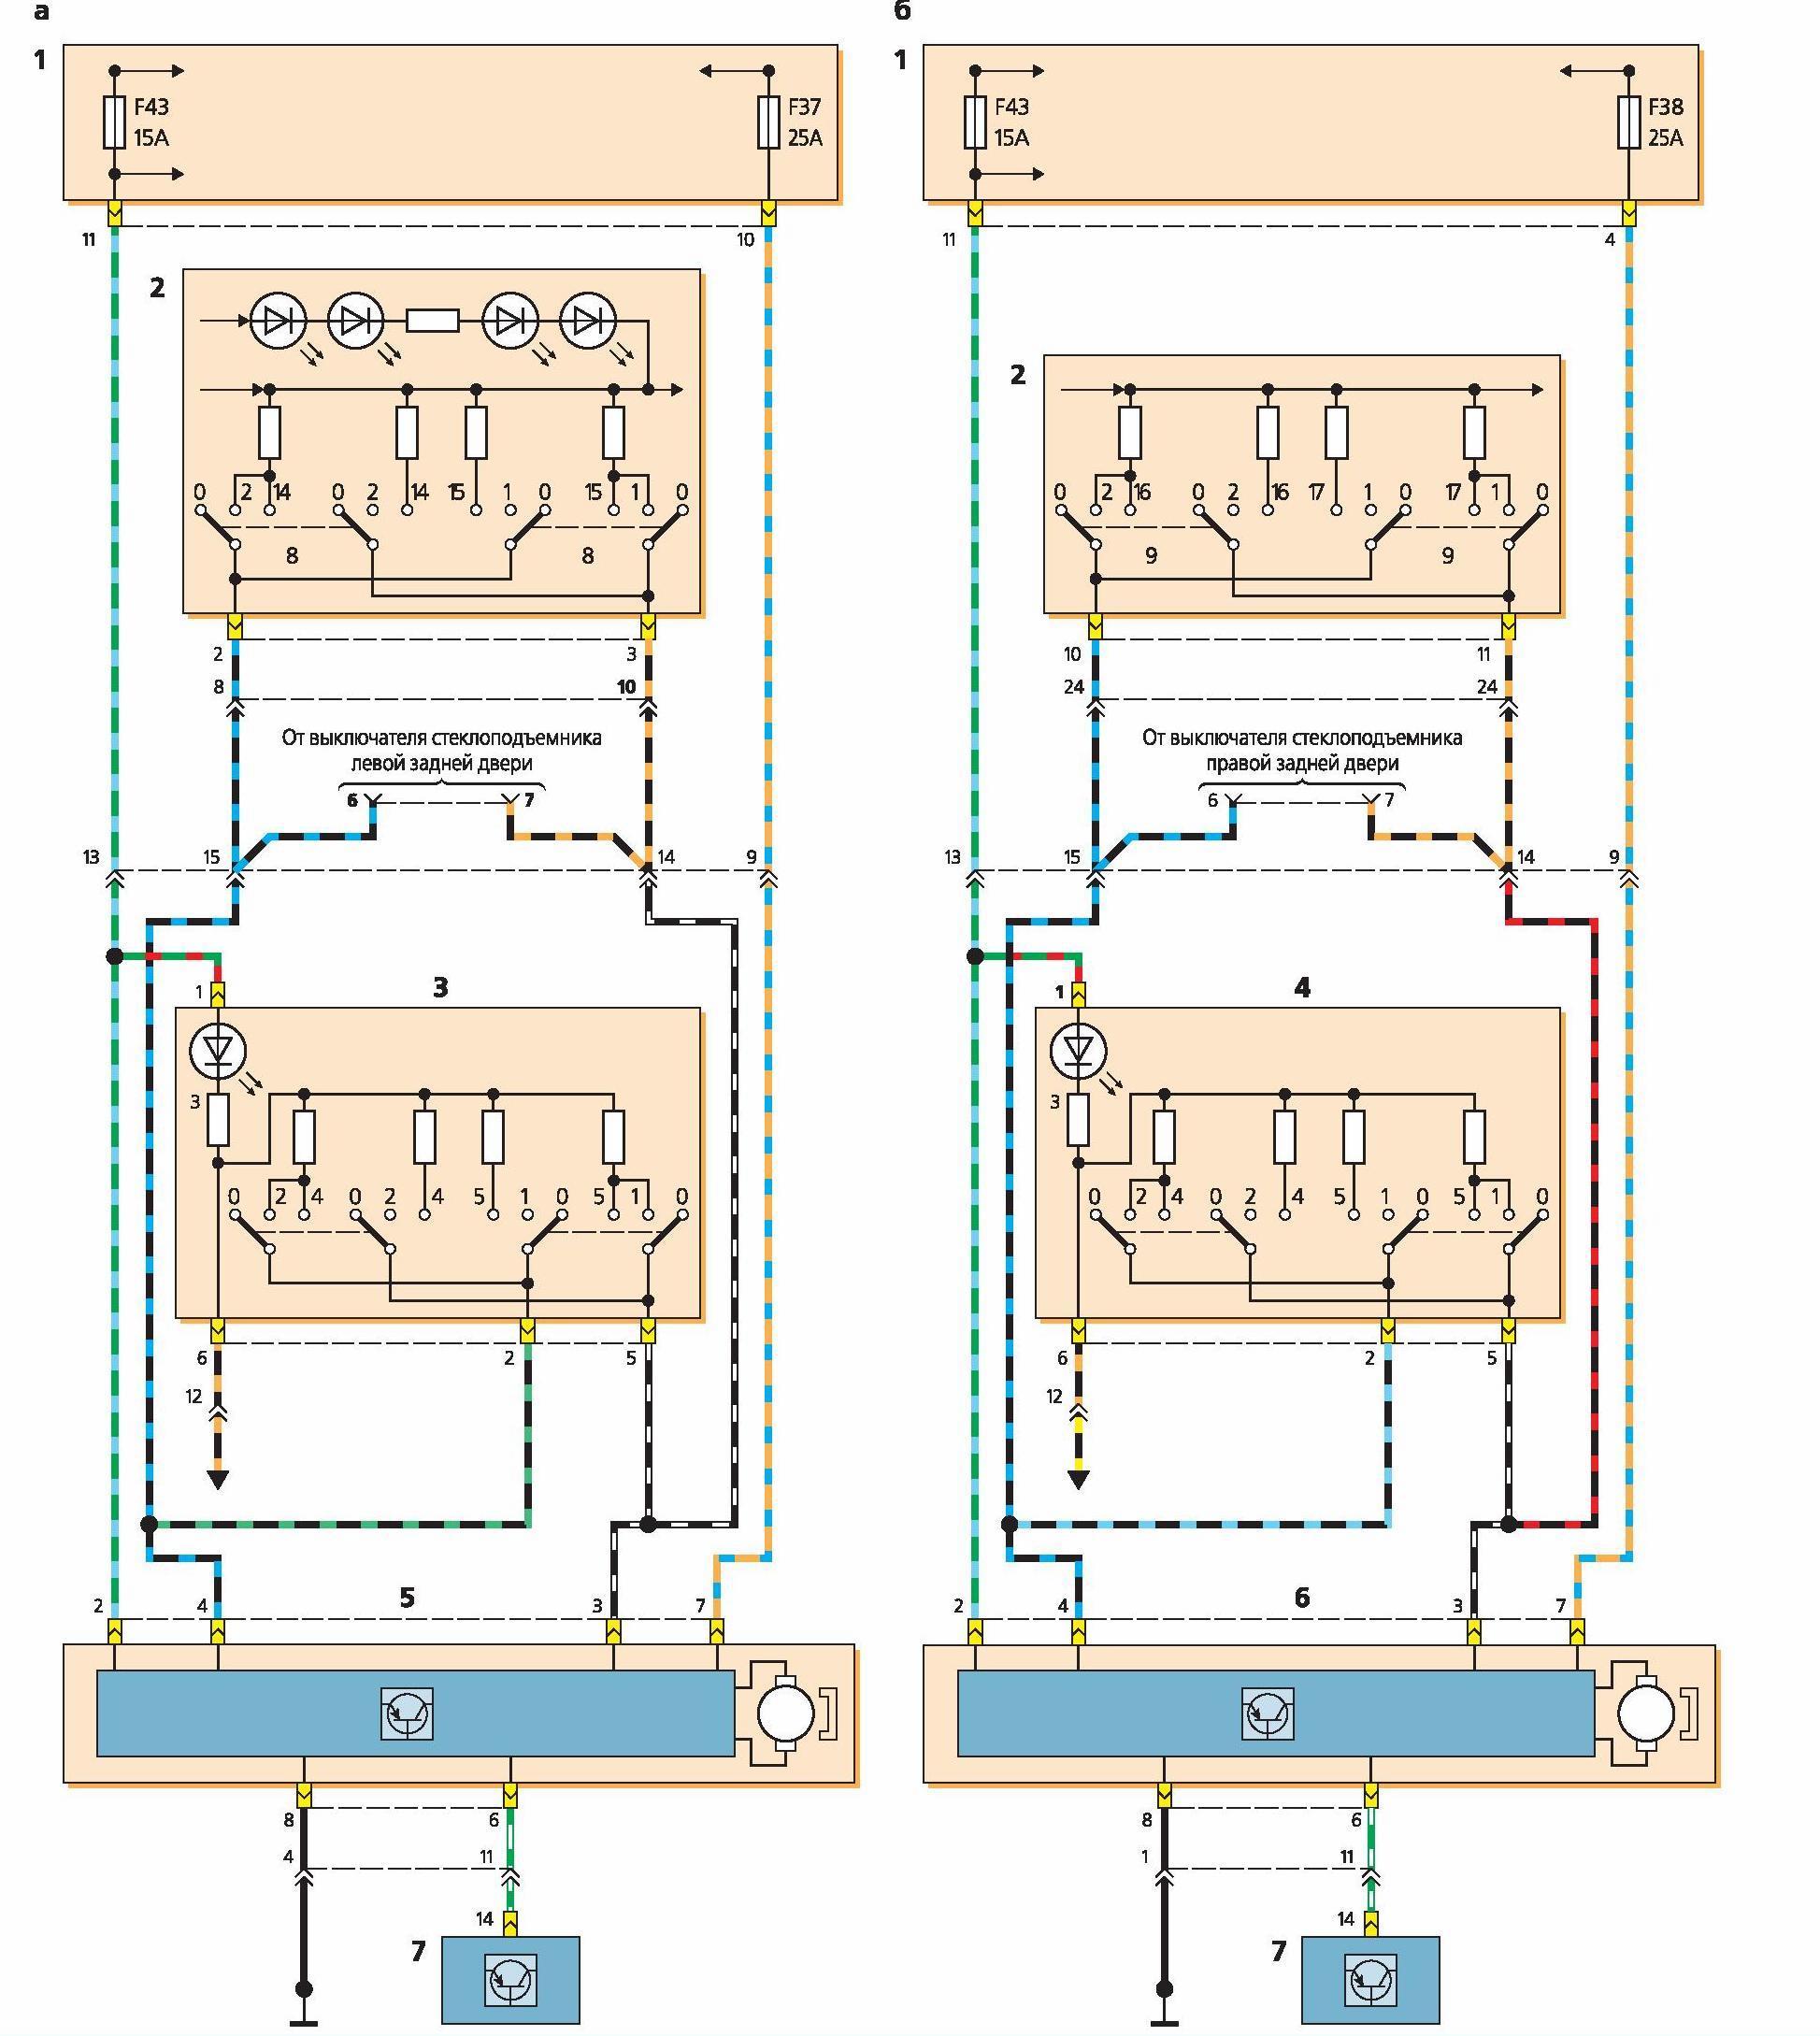 центральный блок управления стеклоподъемниками схема